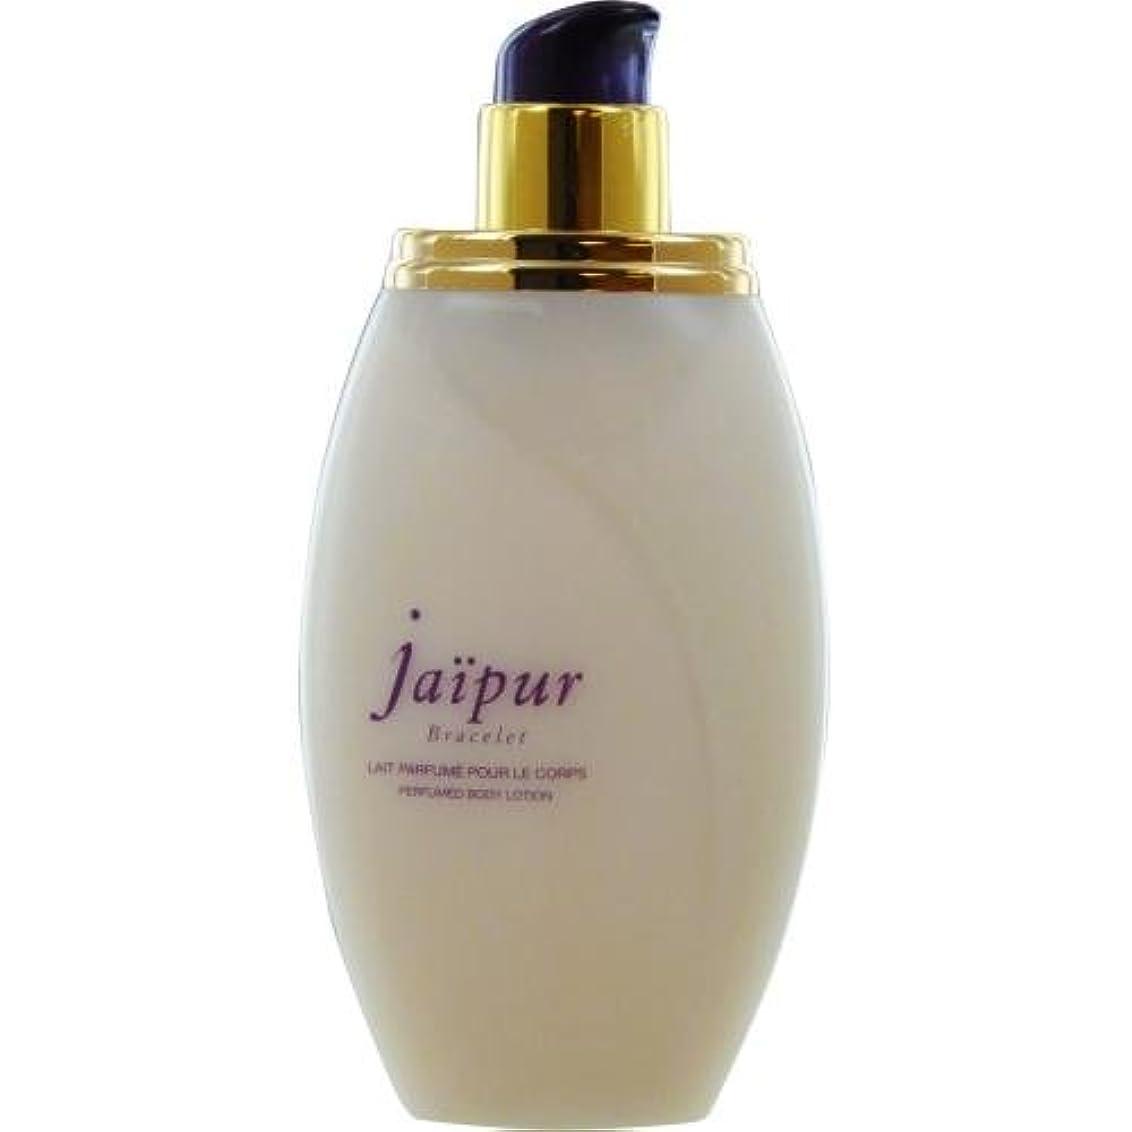 に負ける民族主義ジュースJaipur Bracelet Perfumed Body Lotion